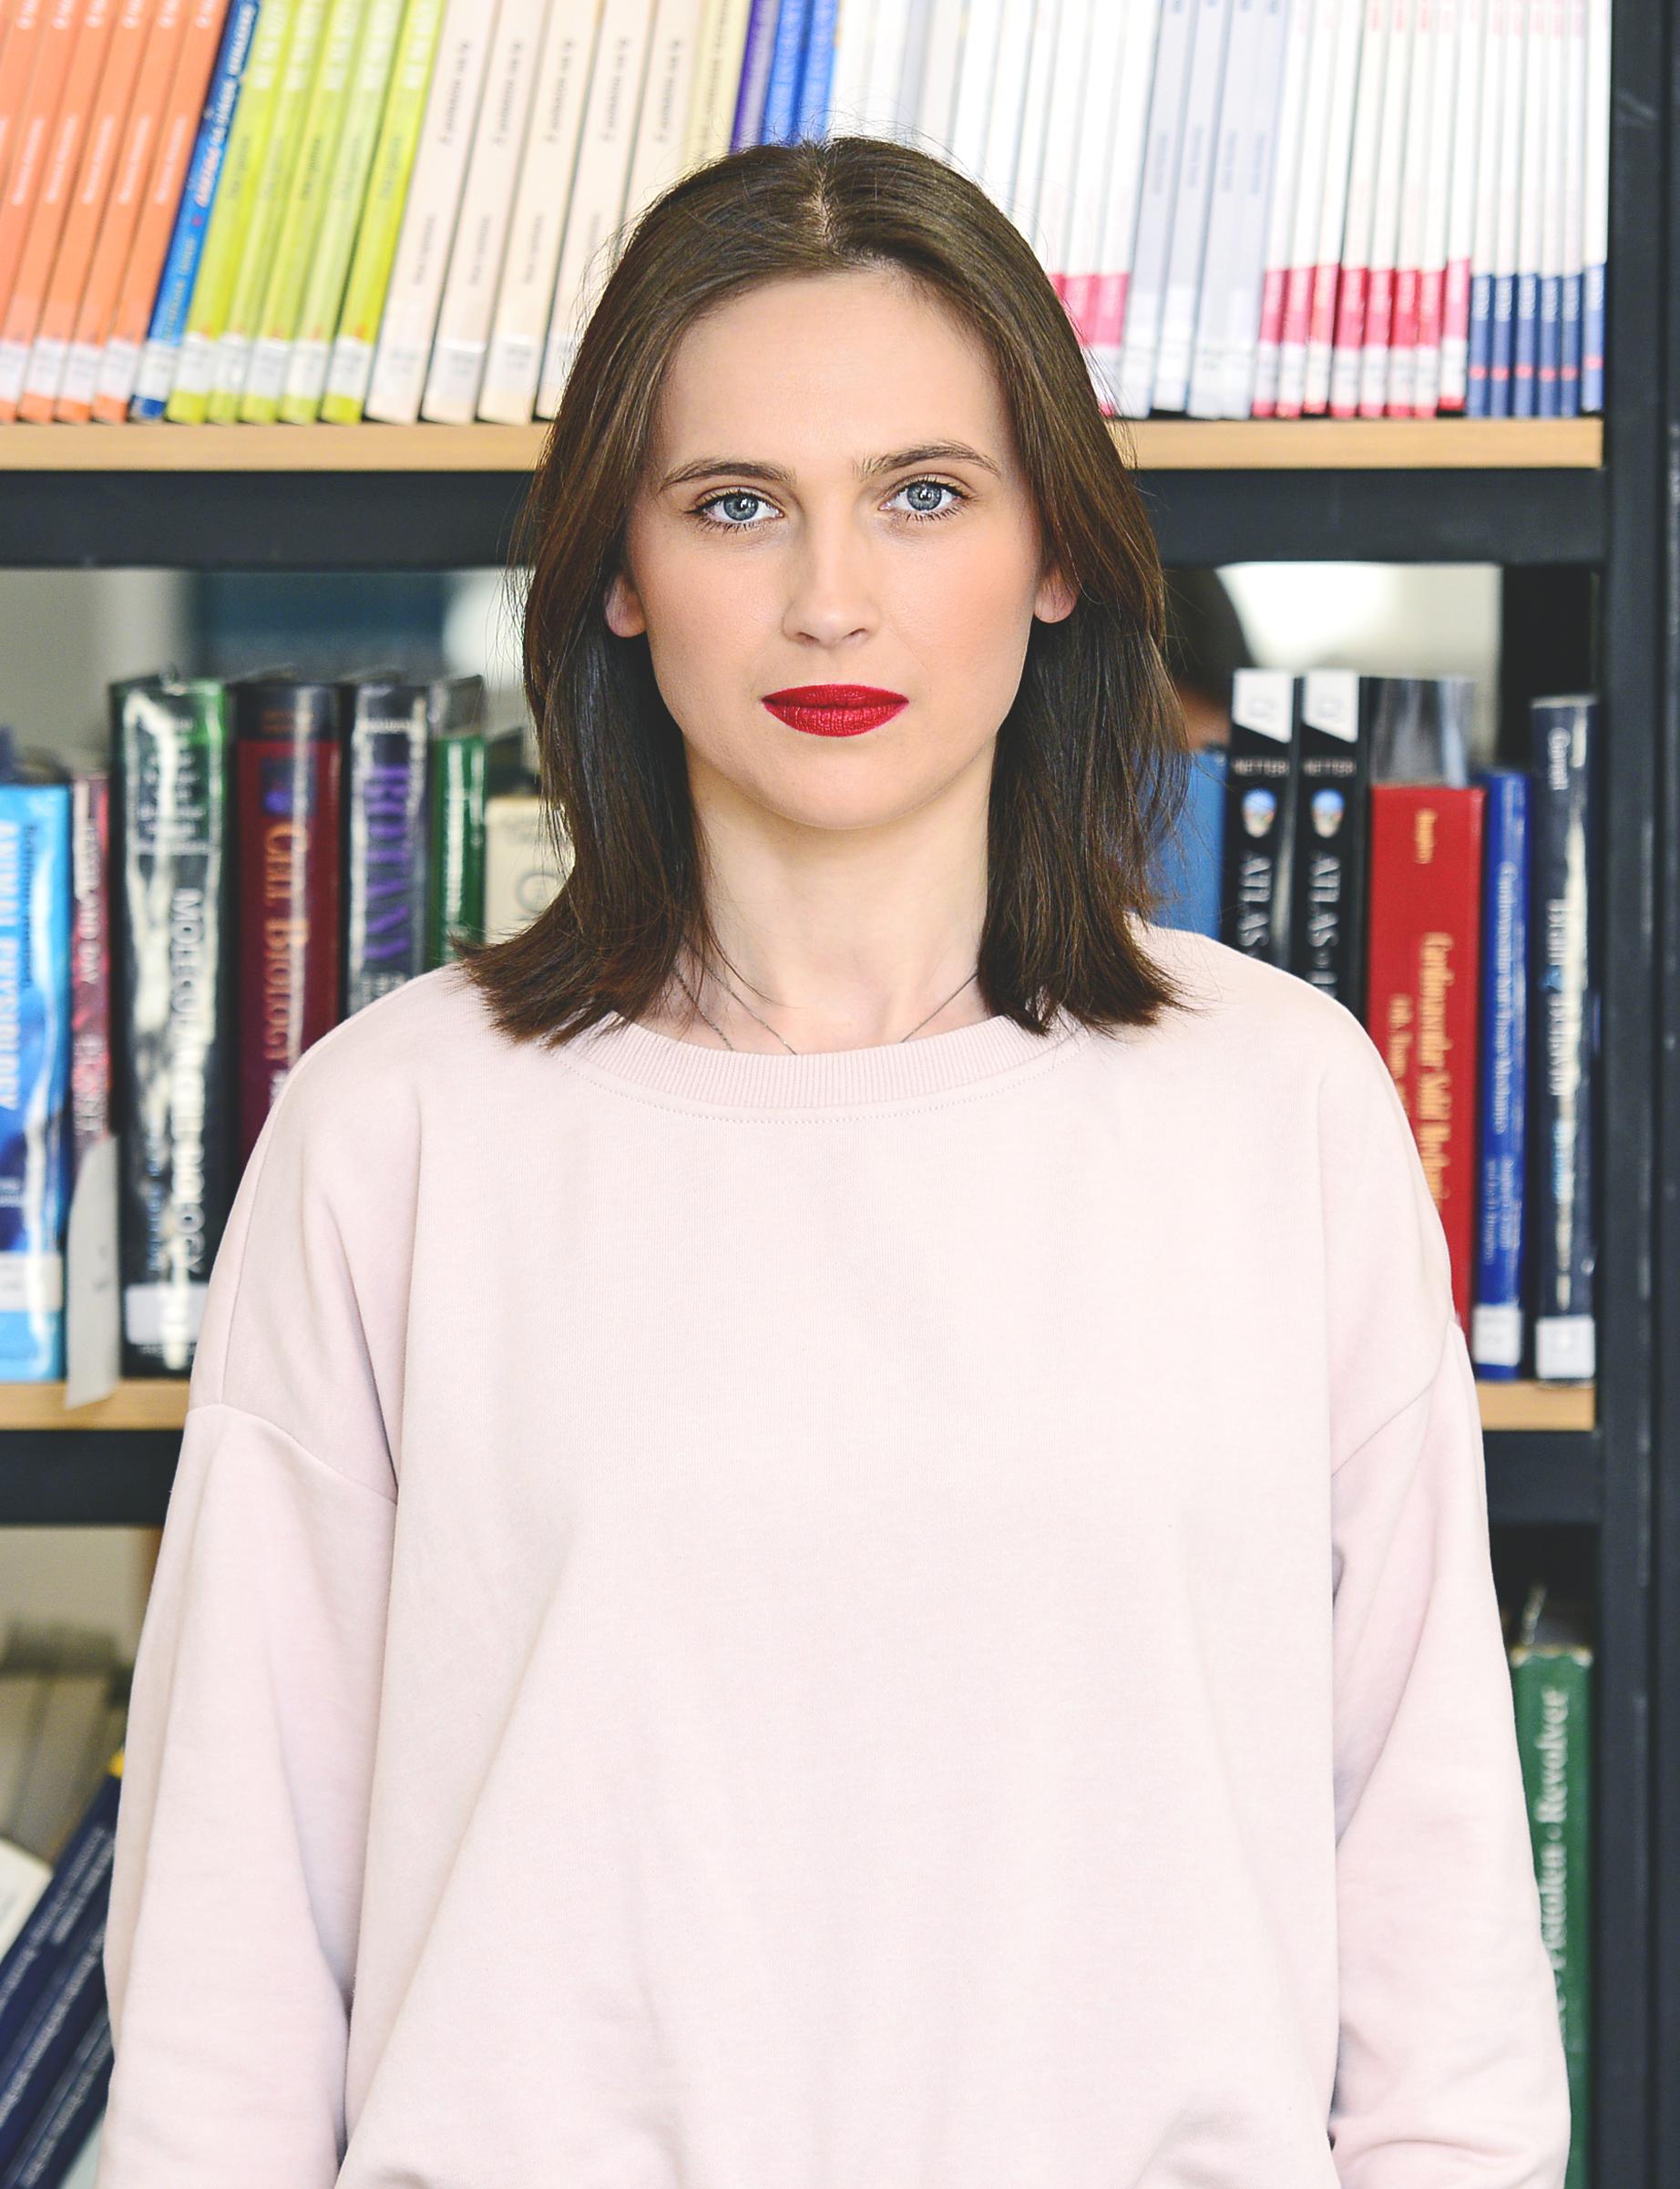 უფროსი სპეციალისტი – ირინა სპირინა  irina_spirina@iliauni.edu.ge